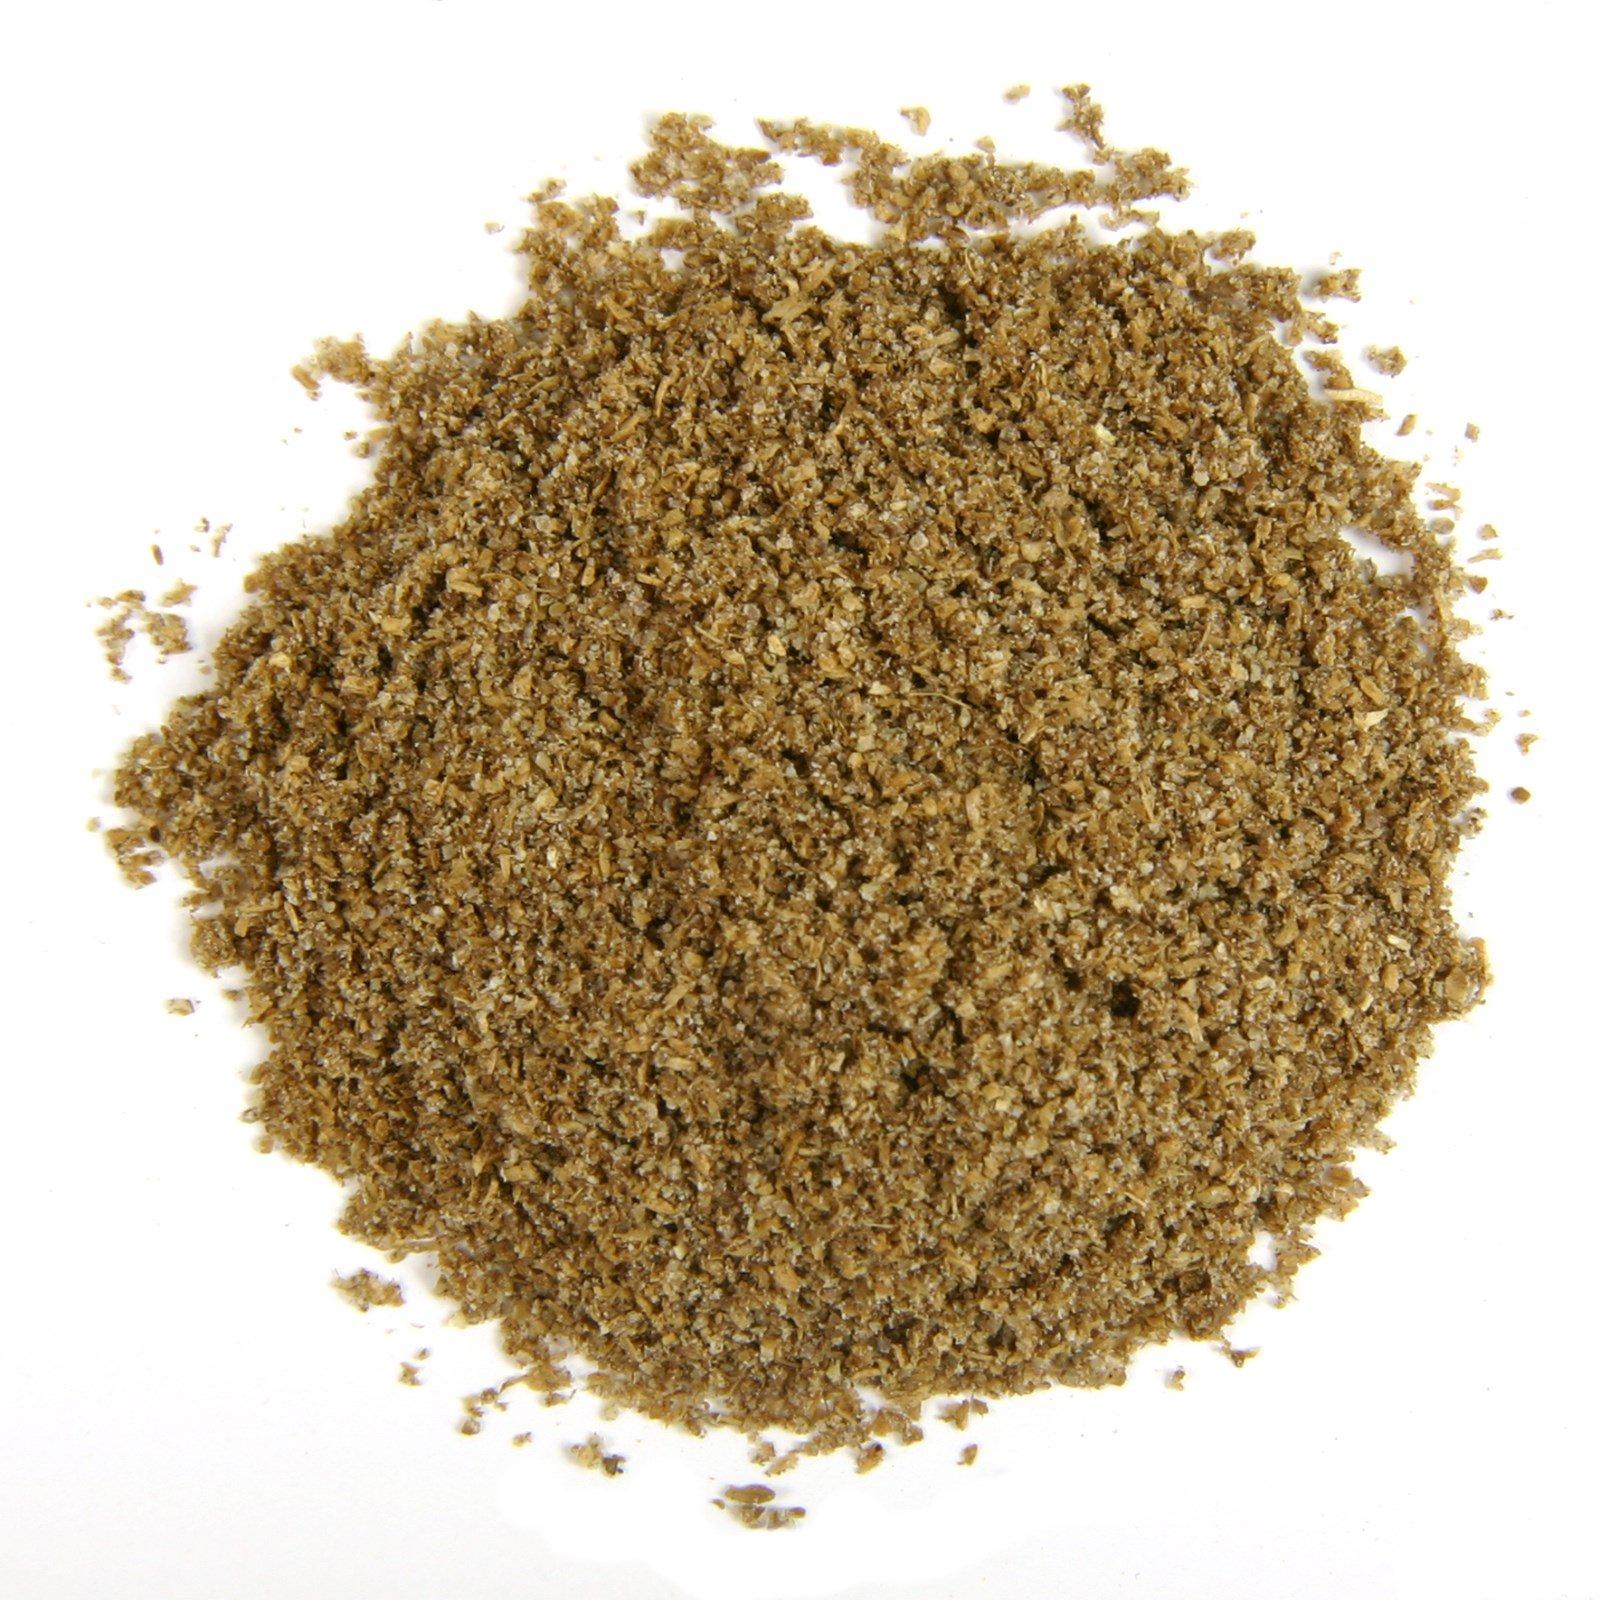 Frontier Natural Products, Органическое молотое семя кориандра, 16 унций (453 г)